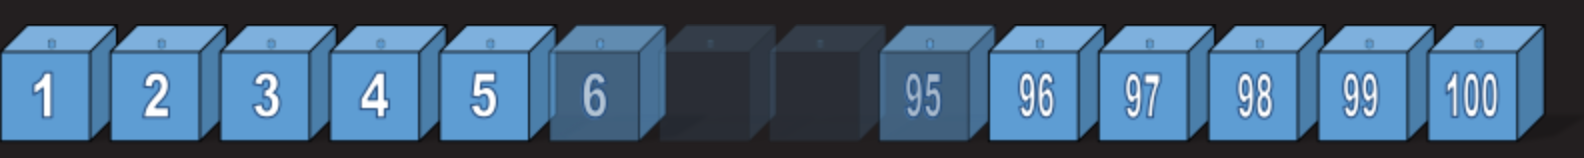 Математическая задача о 100 коробках и спасении заключенных - 2